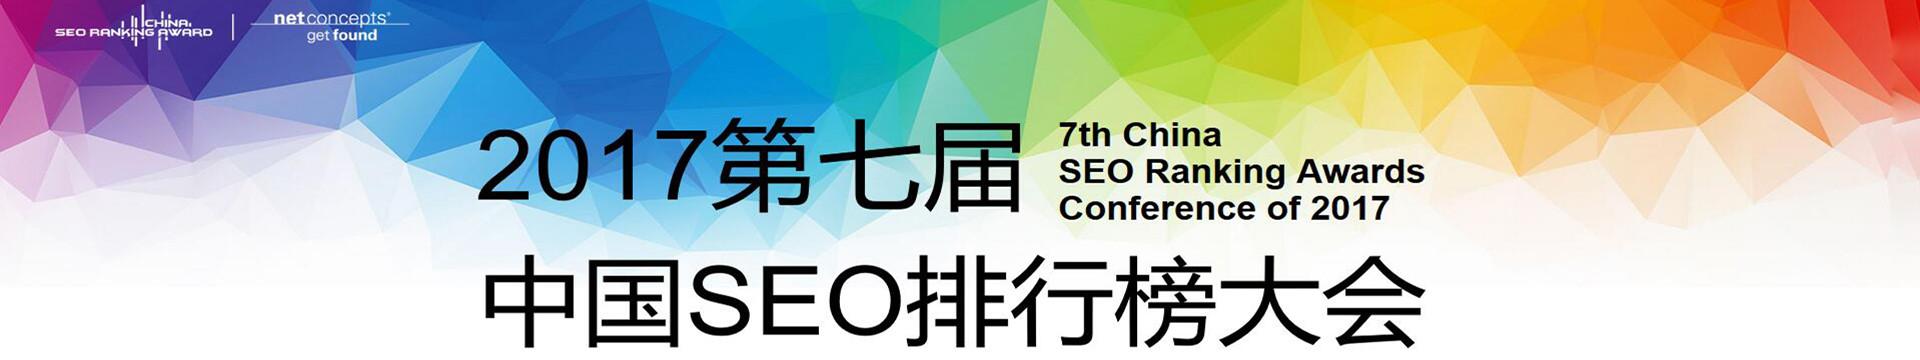 2018内容营销峰会暨第八届SEO排行榜大会